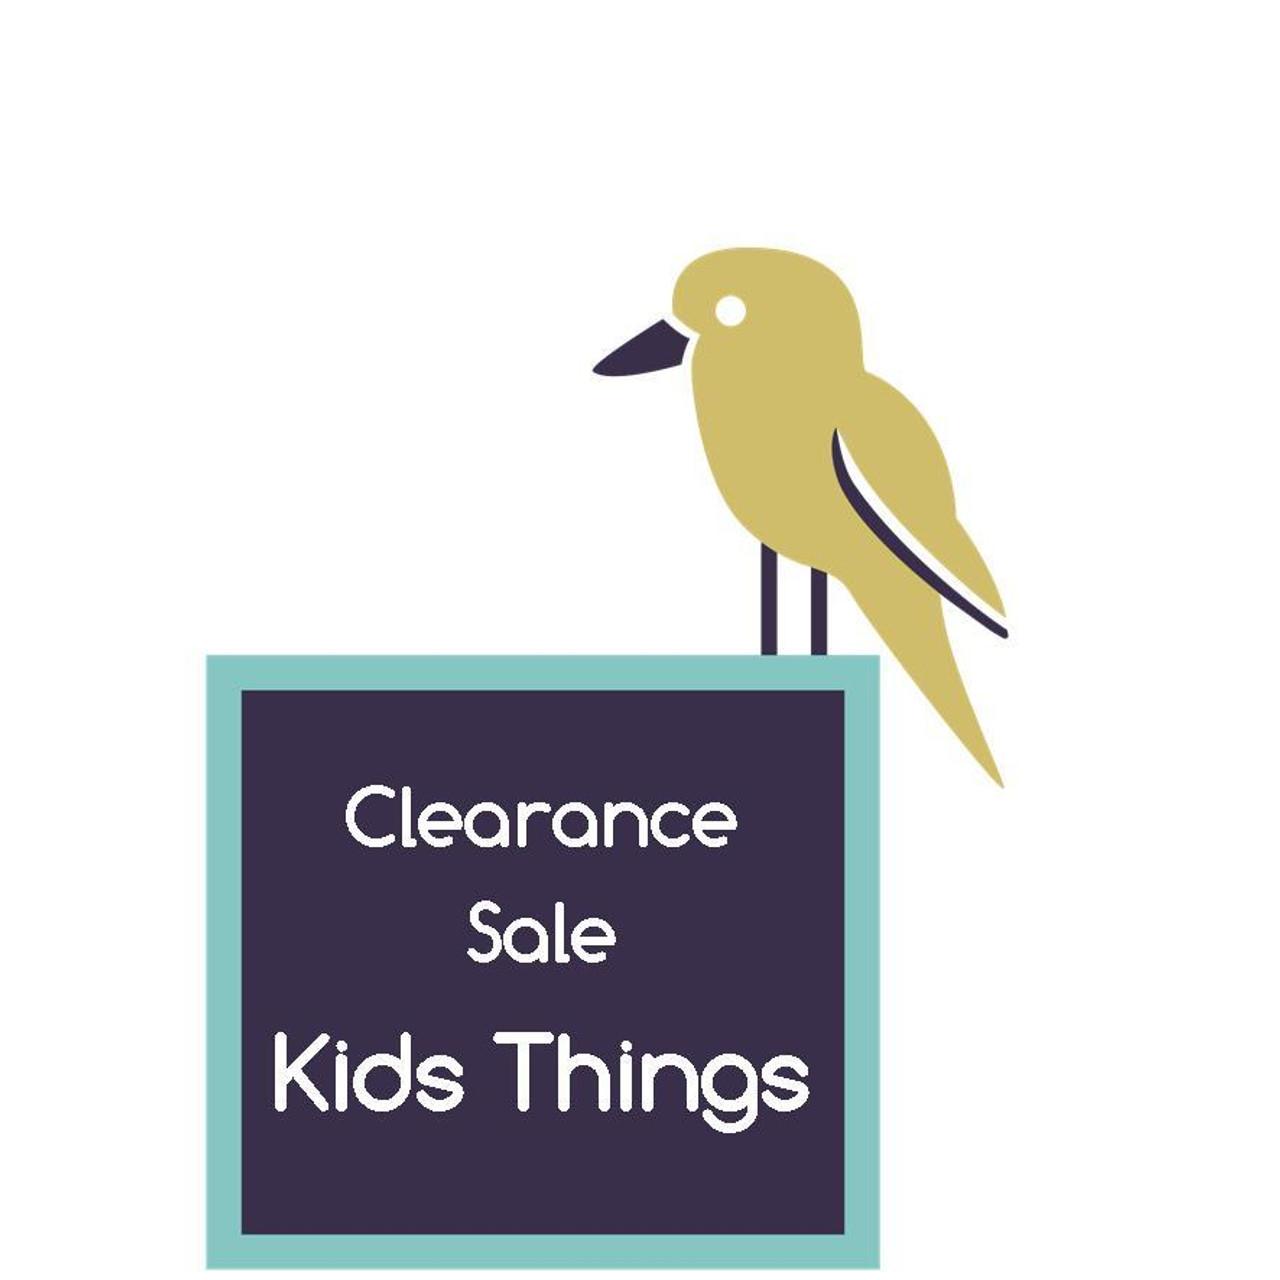 Kids Things